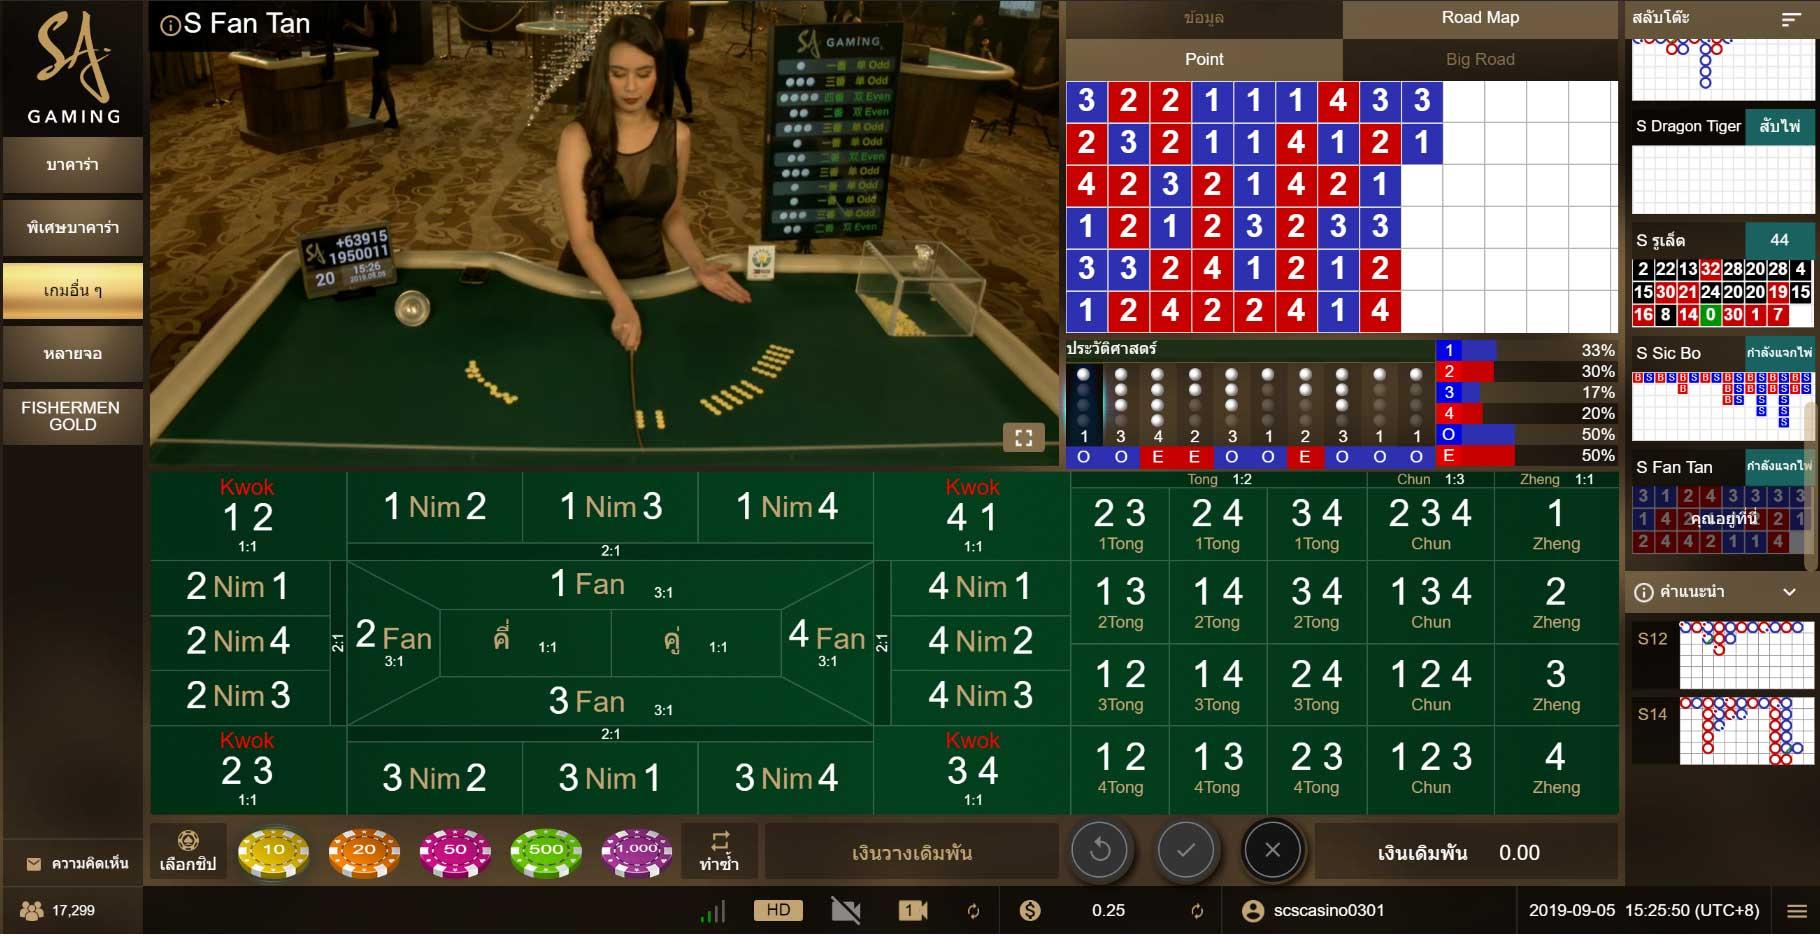 หน้าการเล่น กำถั่ว SA Gaming